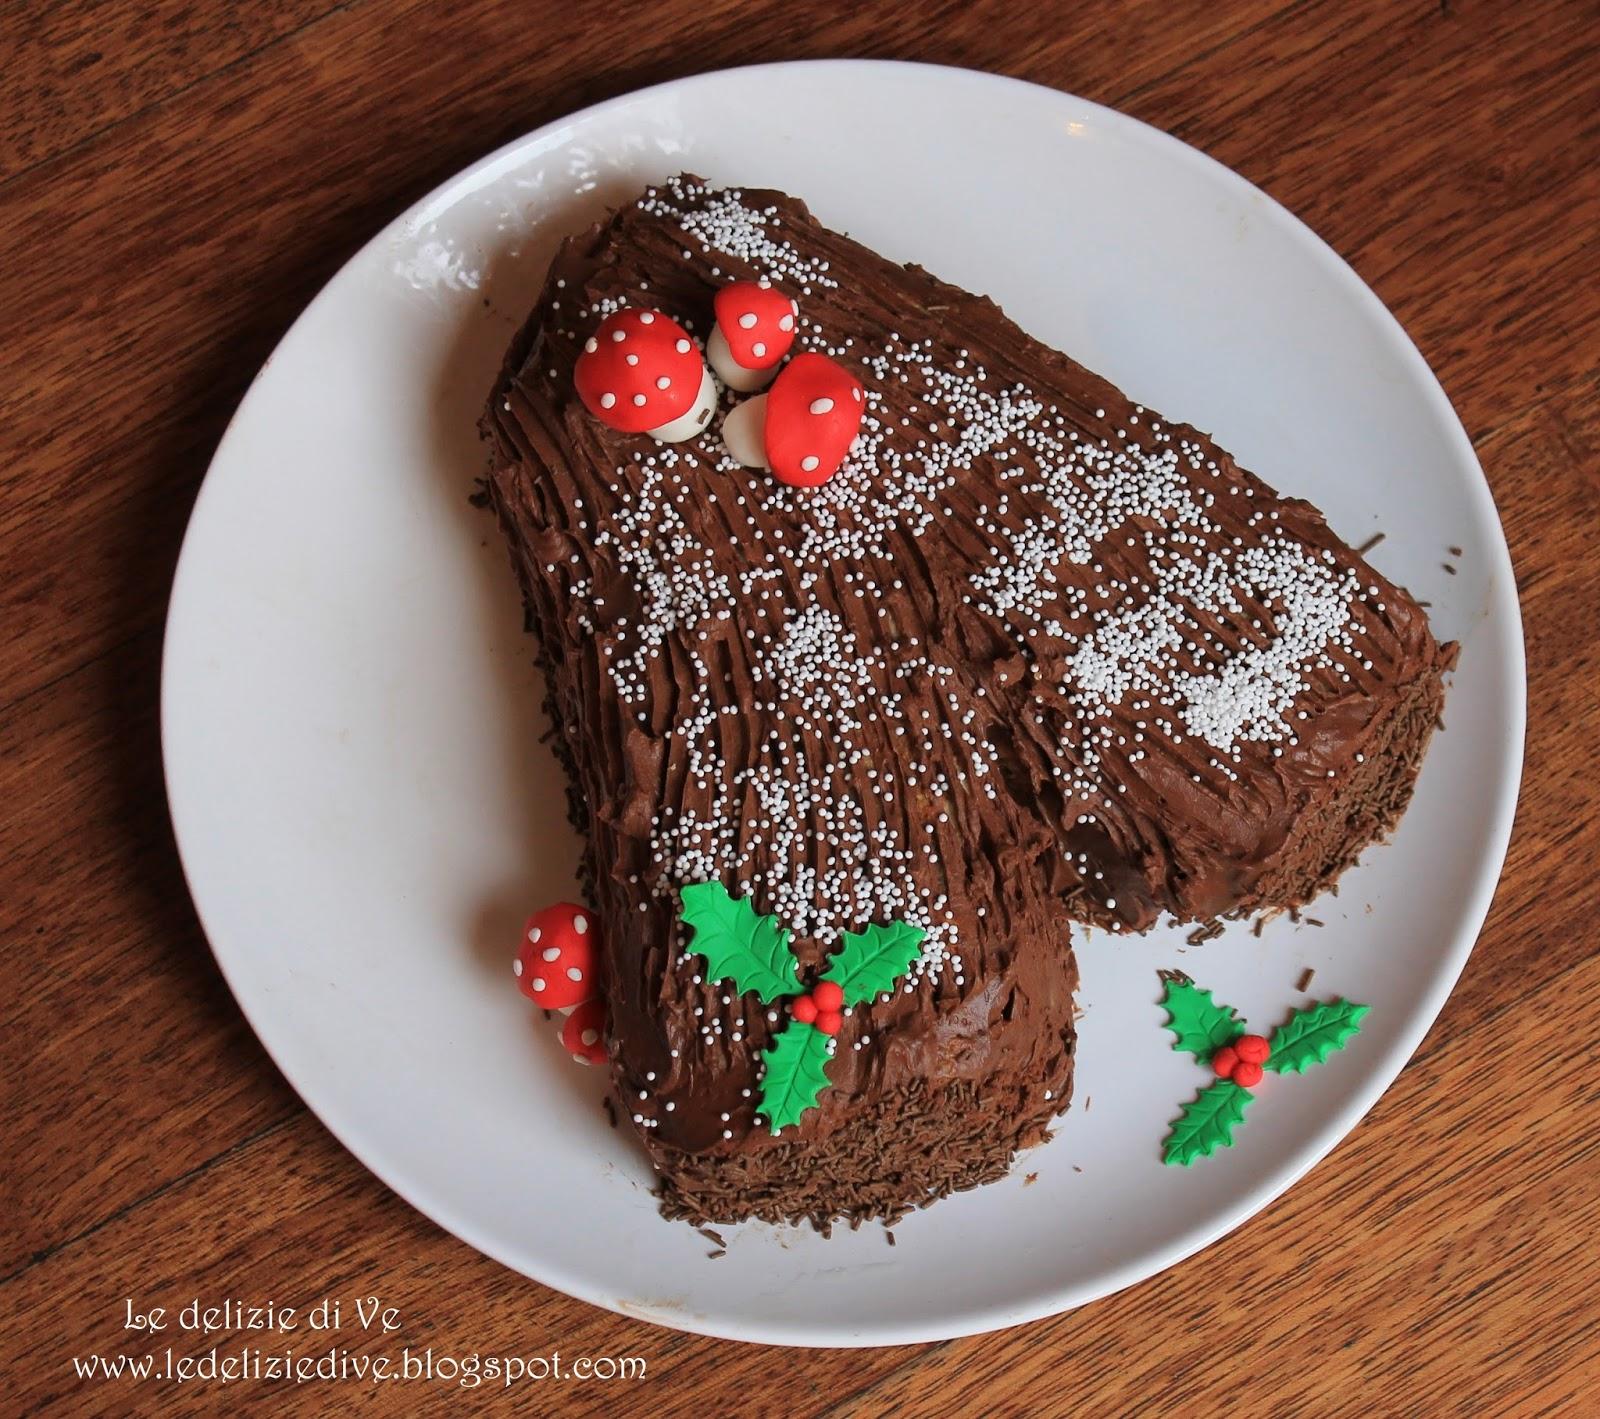 Tronchetto Di Natale Panettone.Ledeliziedive Tronchetto Di Natale Con Panettone